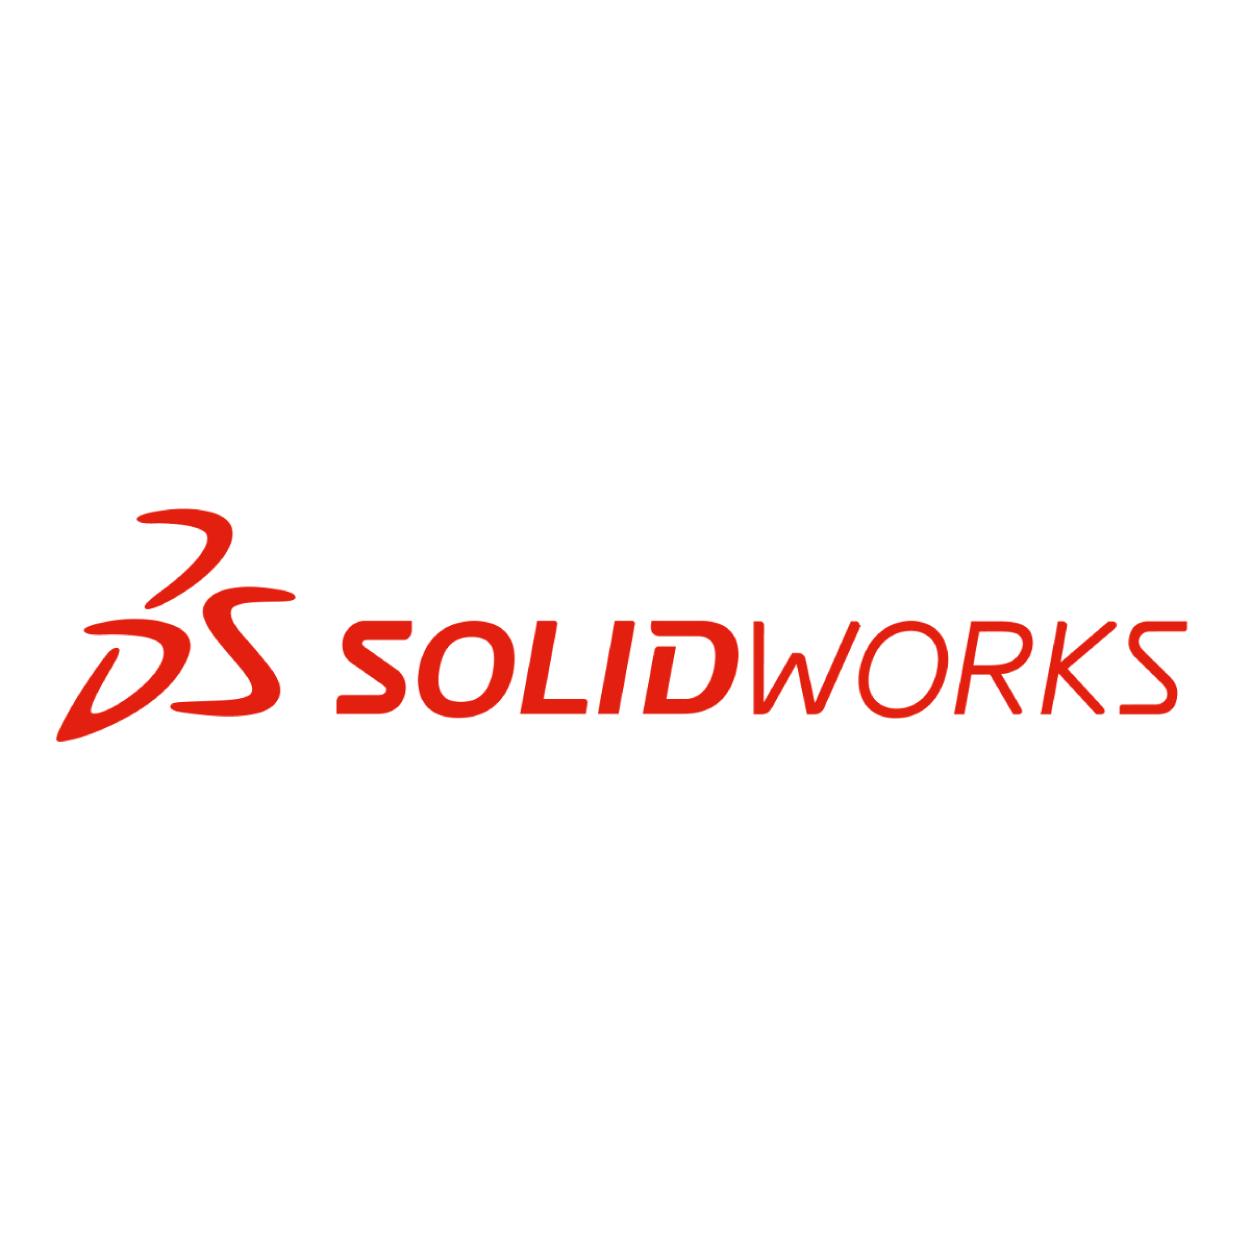 Solidworks_Tavola disegno 1